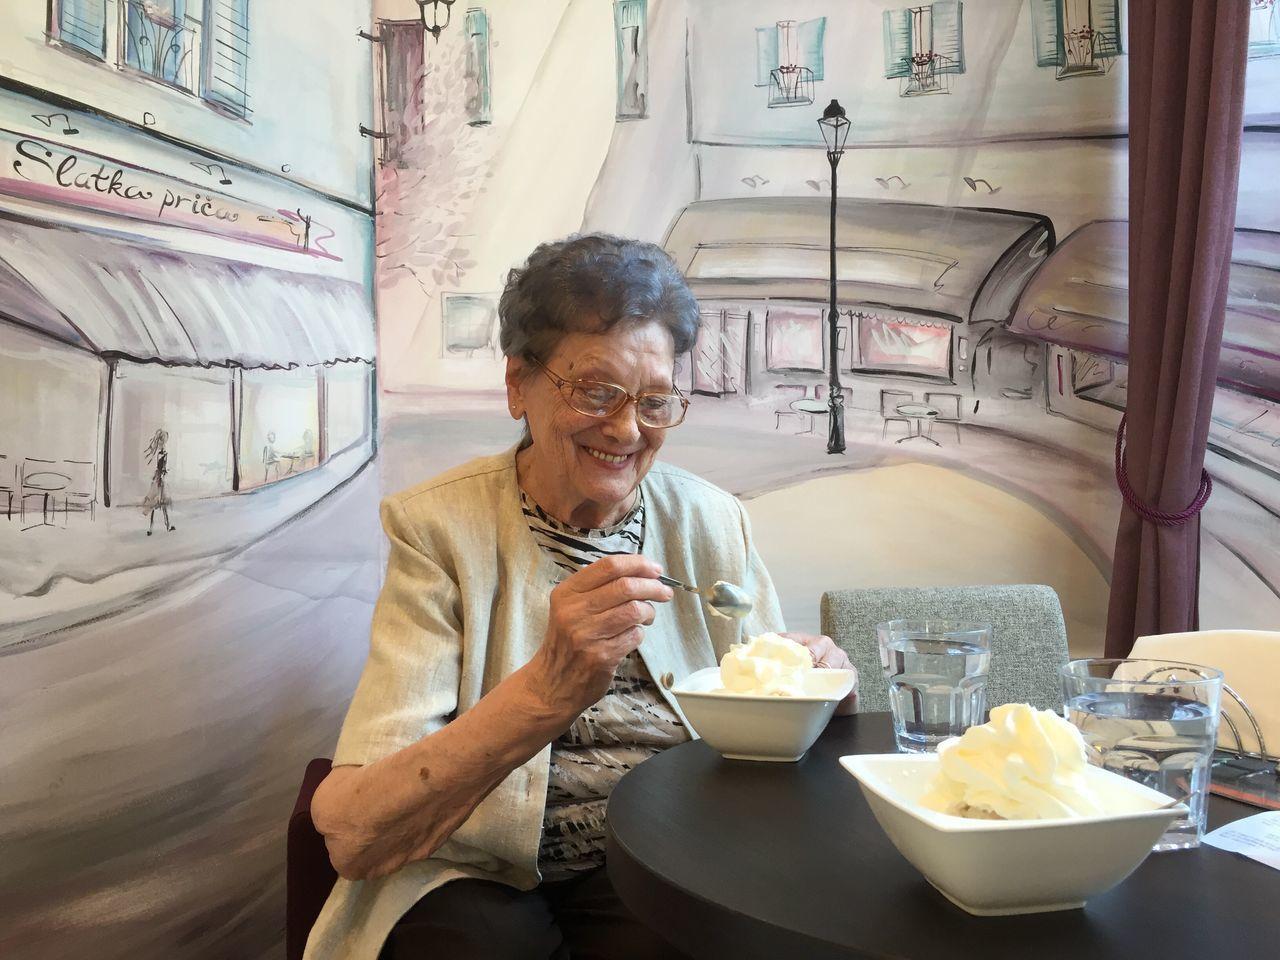 Beautiful stock photos of lächeln, sitting, senior adult, leisure activity, communication